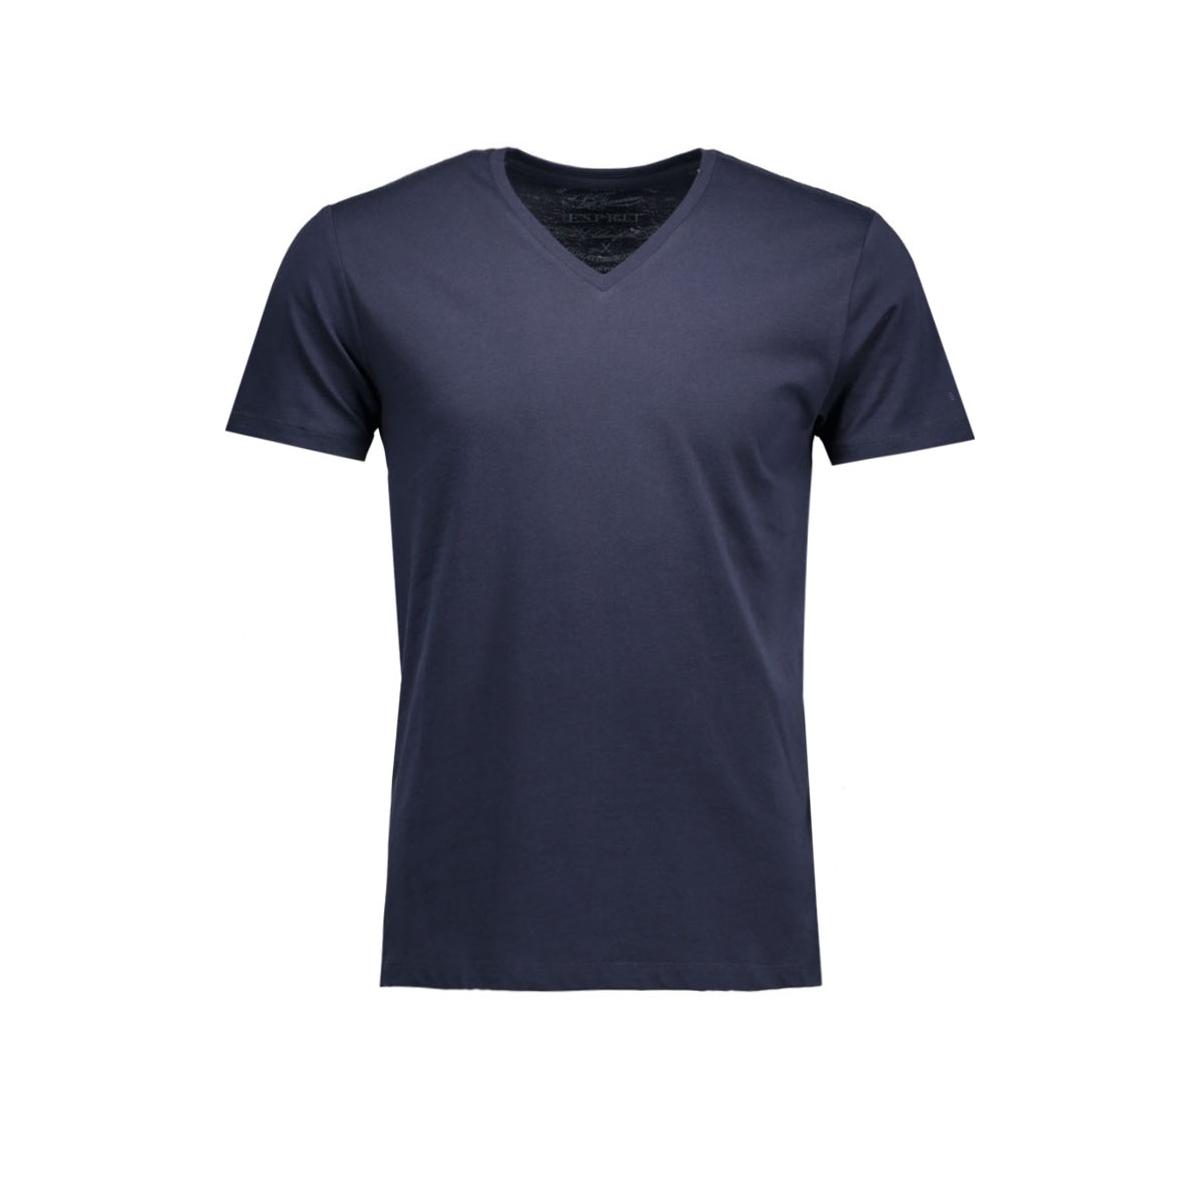 995ee2k903 esprit t-shirt e406